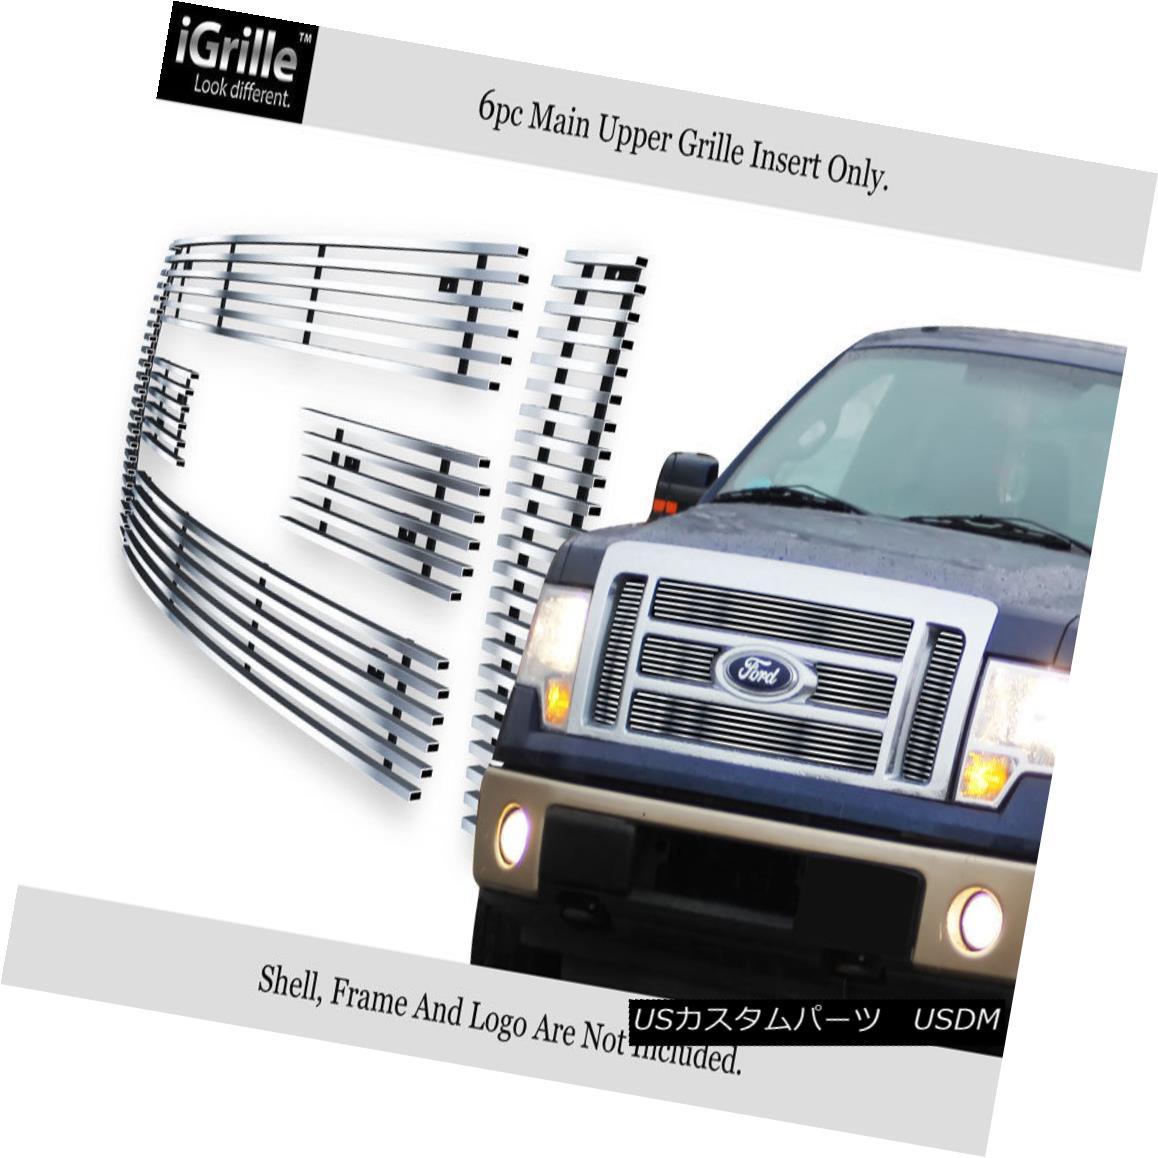 グリル For 09-11 2011 Ford F-150 Lariat/King Ranch Stainless Steel Billet Grille 09-11 2011フォードF-150ラリアット/キングランチステンレススチールビレットグリル